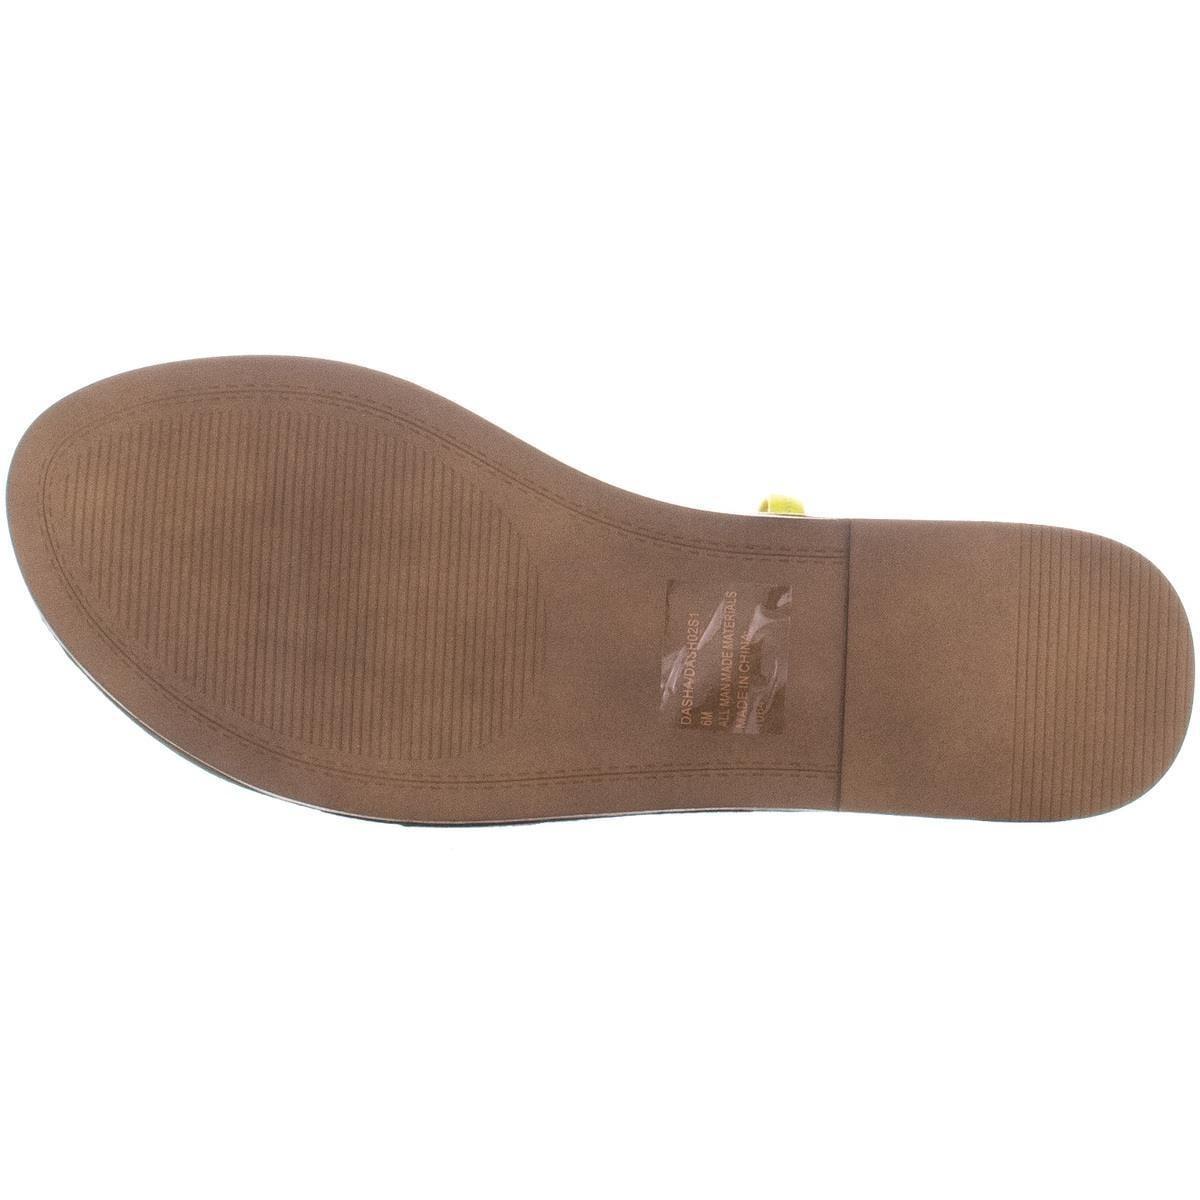 9c674338728 Shop Steve Madden Dasha Two Strap Slide Sandals